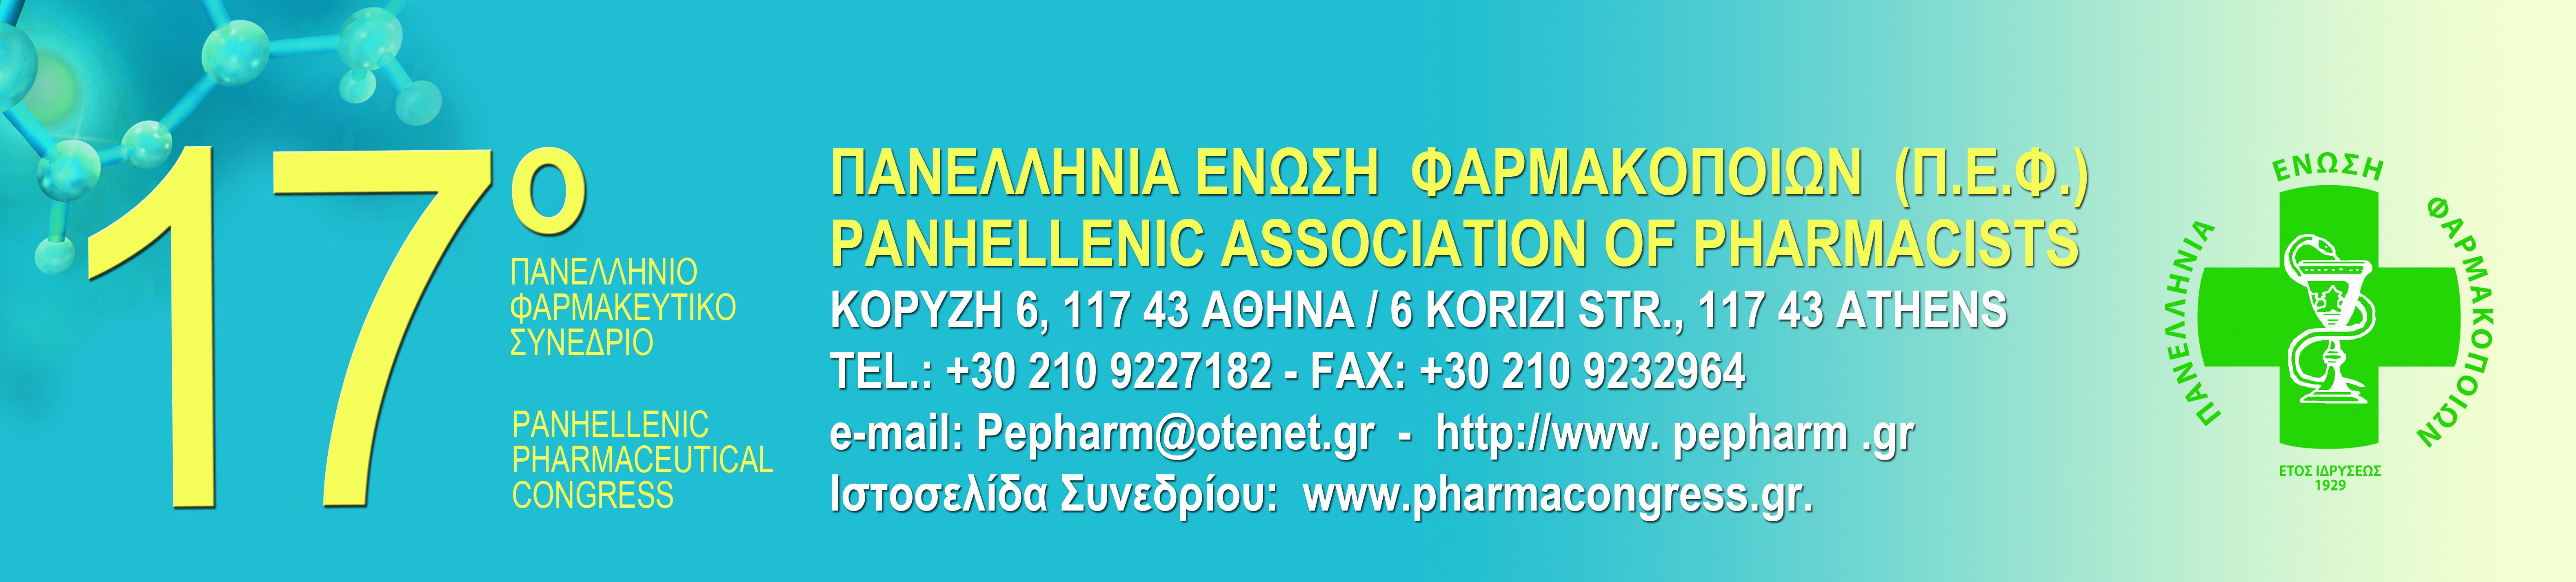 ΜΠΑΡΑ ΠΕΦ WEB new 17